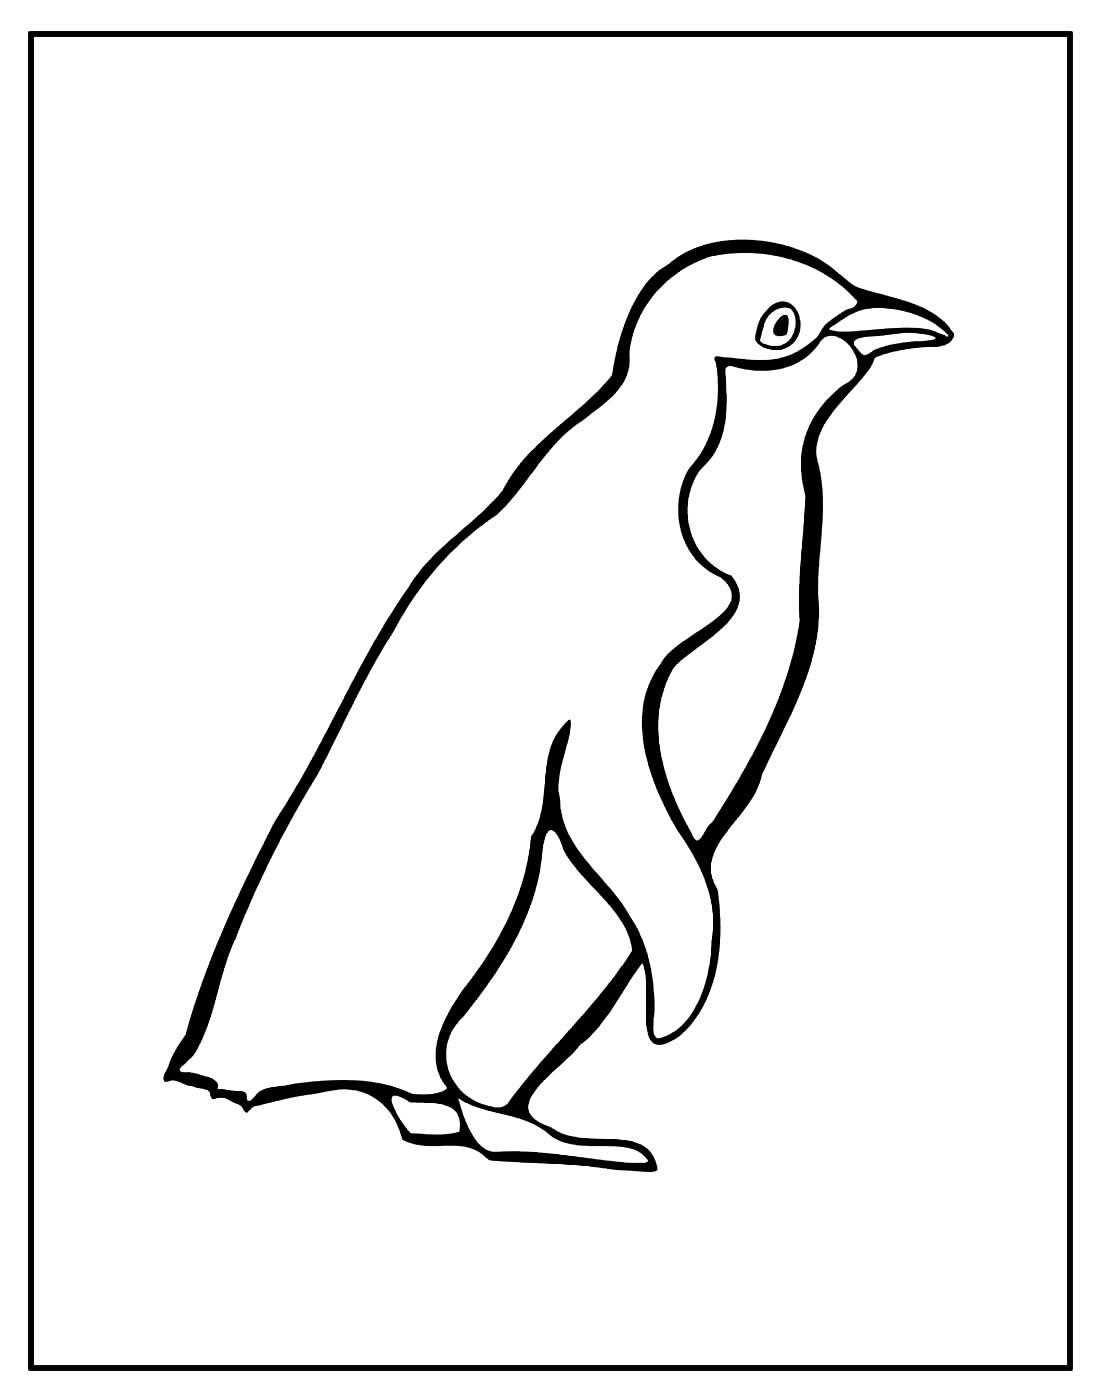 Desenho para pintar de Pinguim